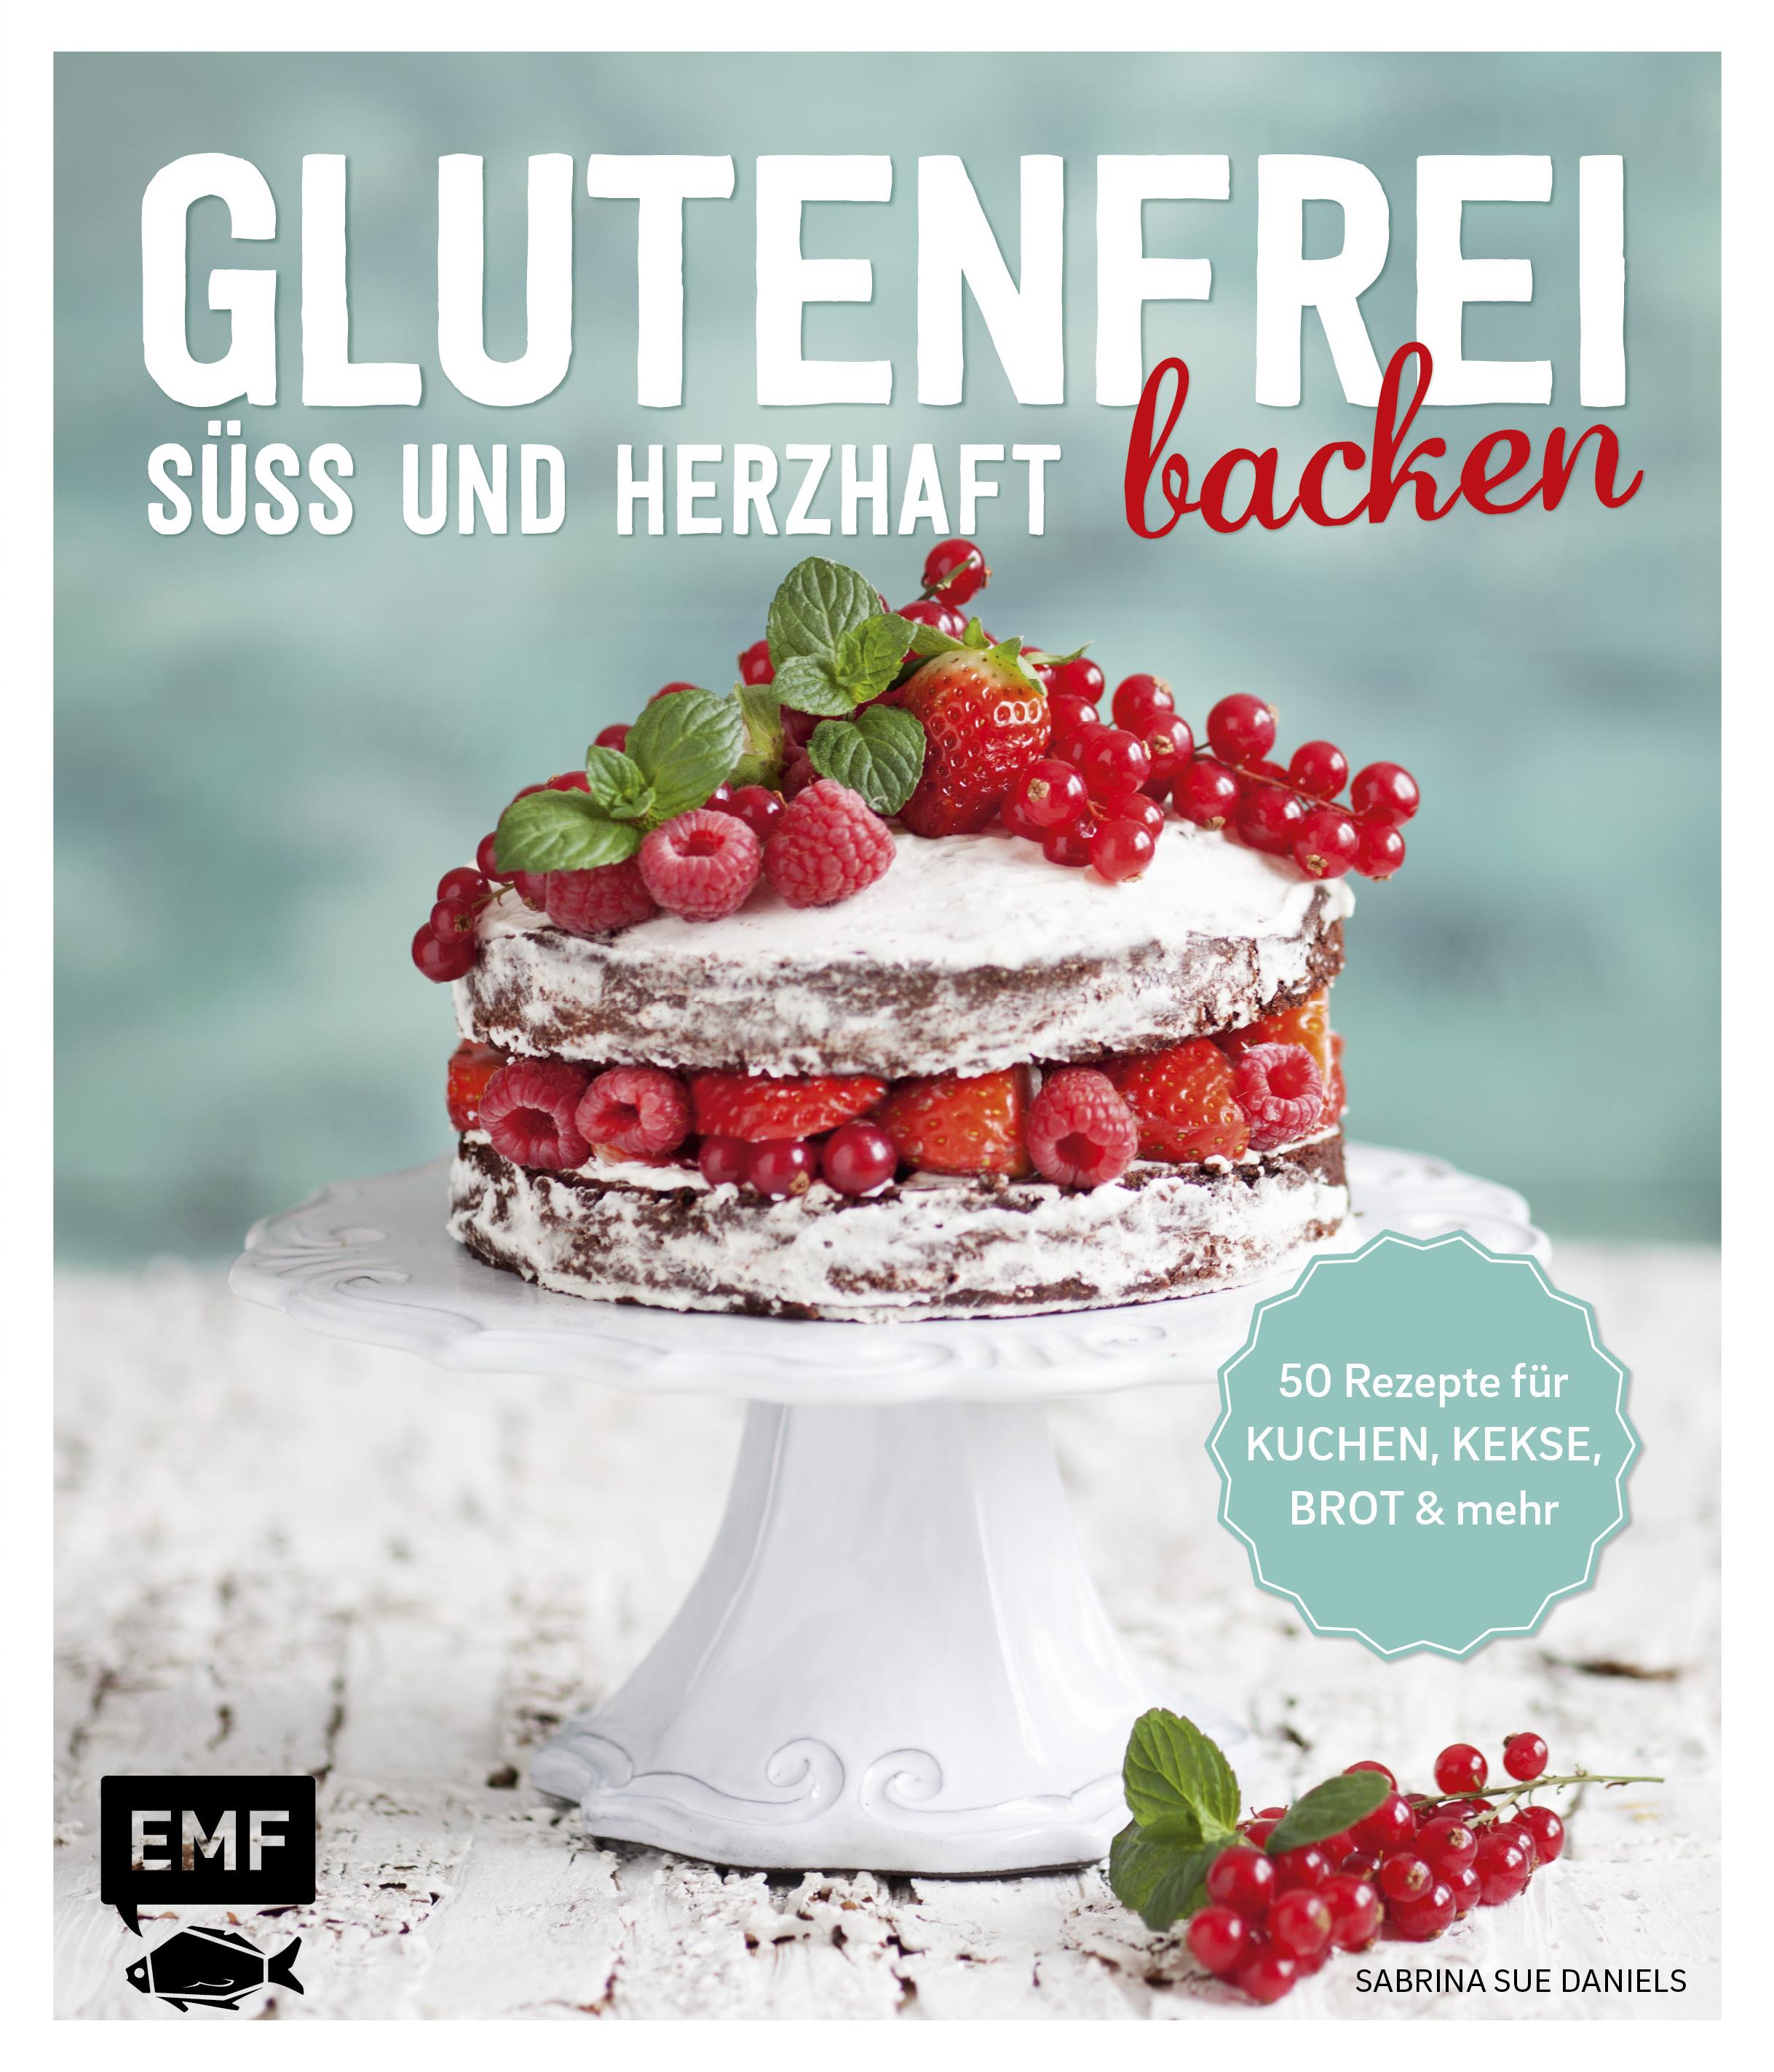 NEU Glutenfrei backen - süß und herzhaft Dagmar Reichel 555665